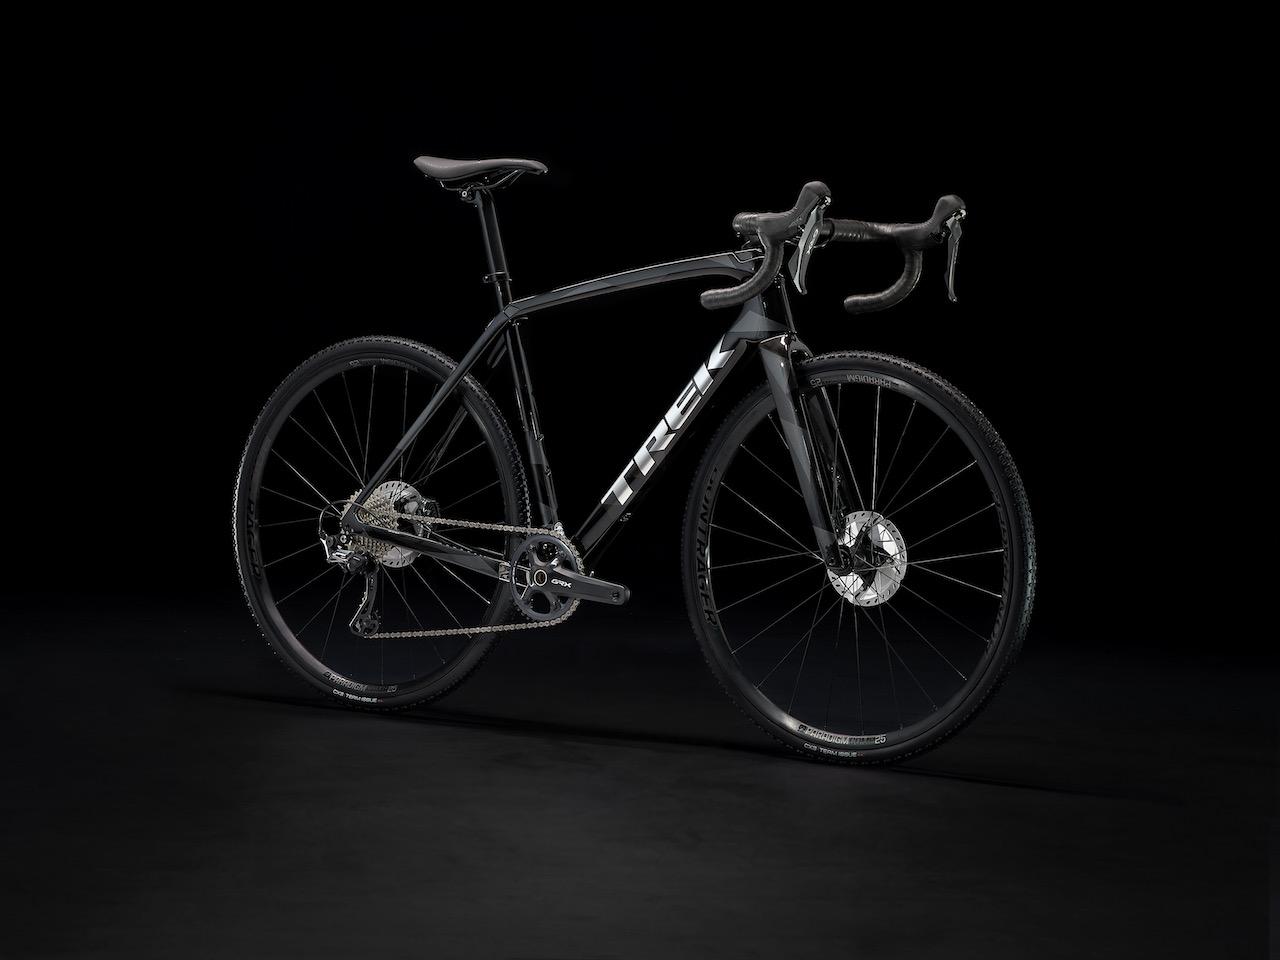 Trek Boone 2022 Black full bike